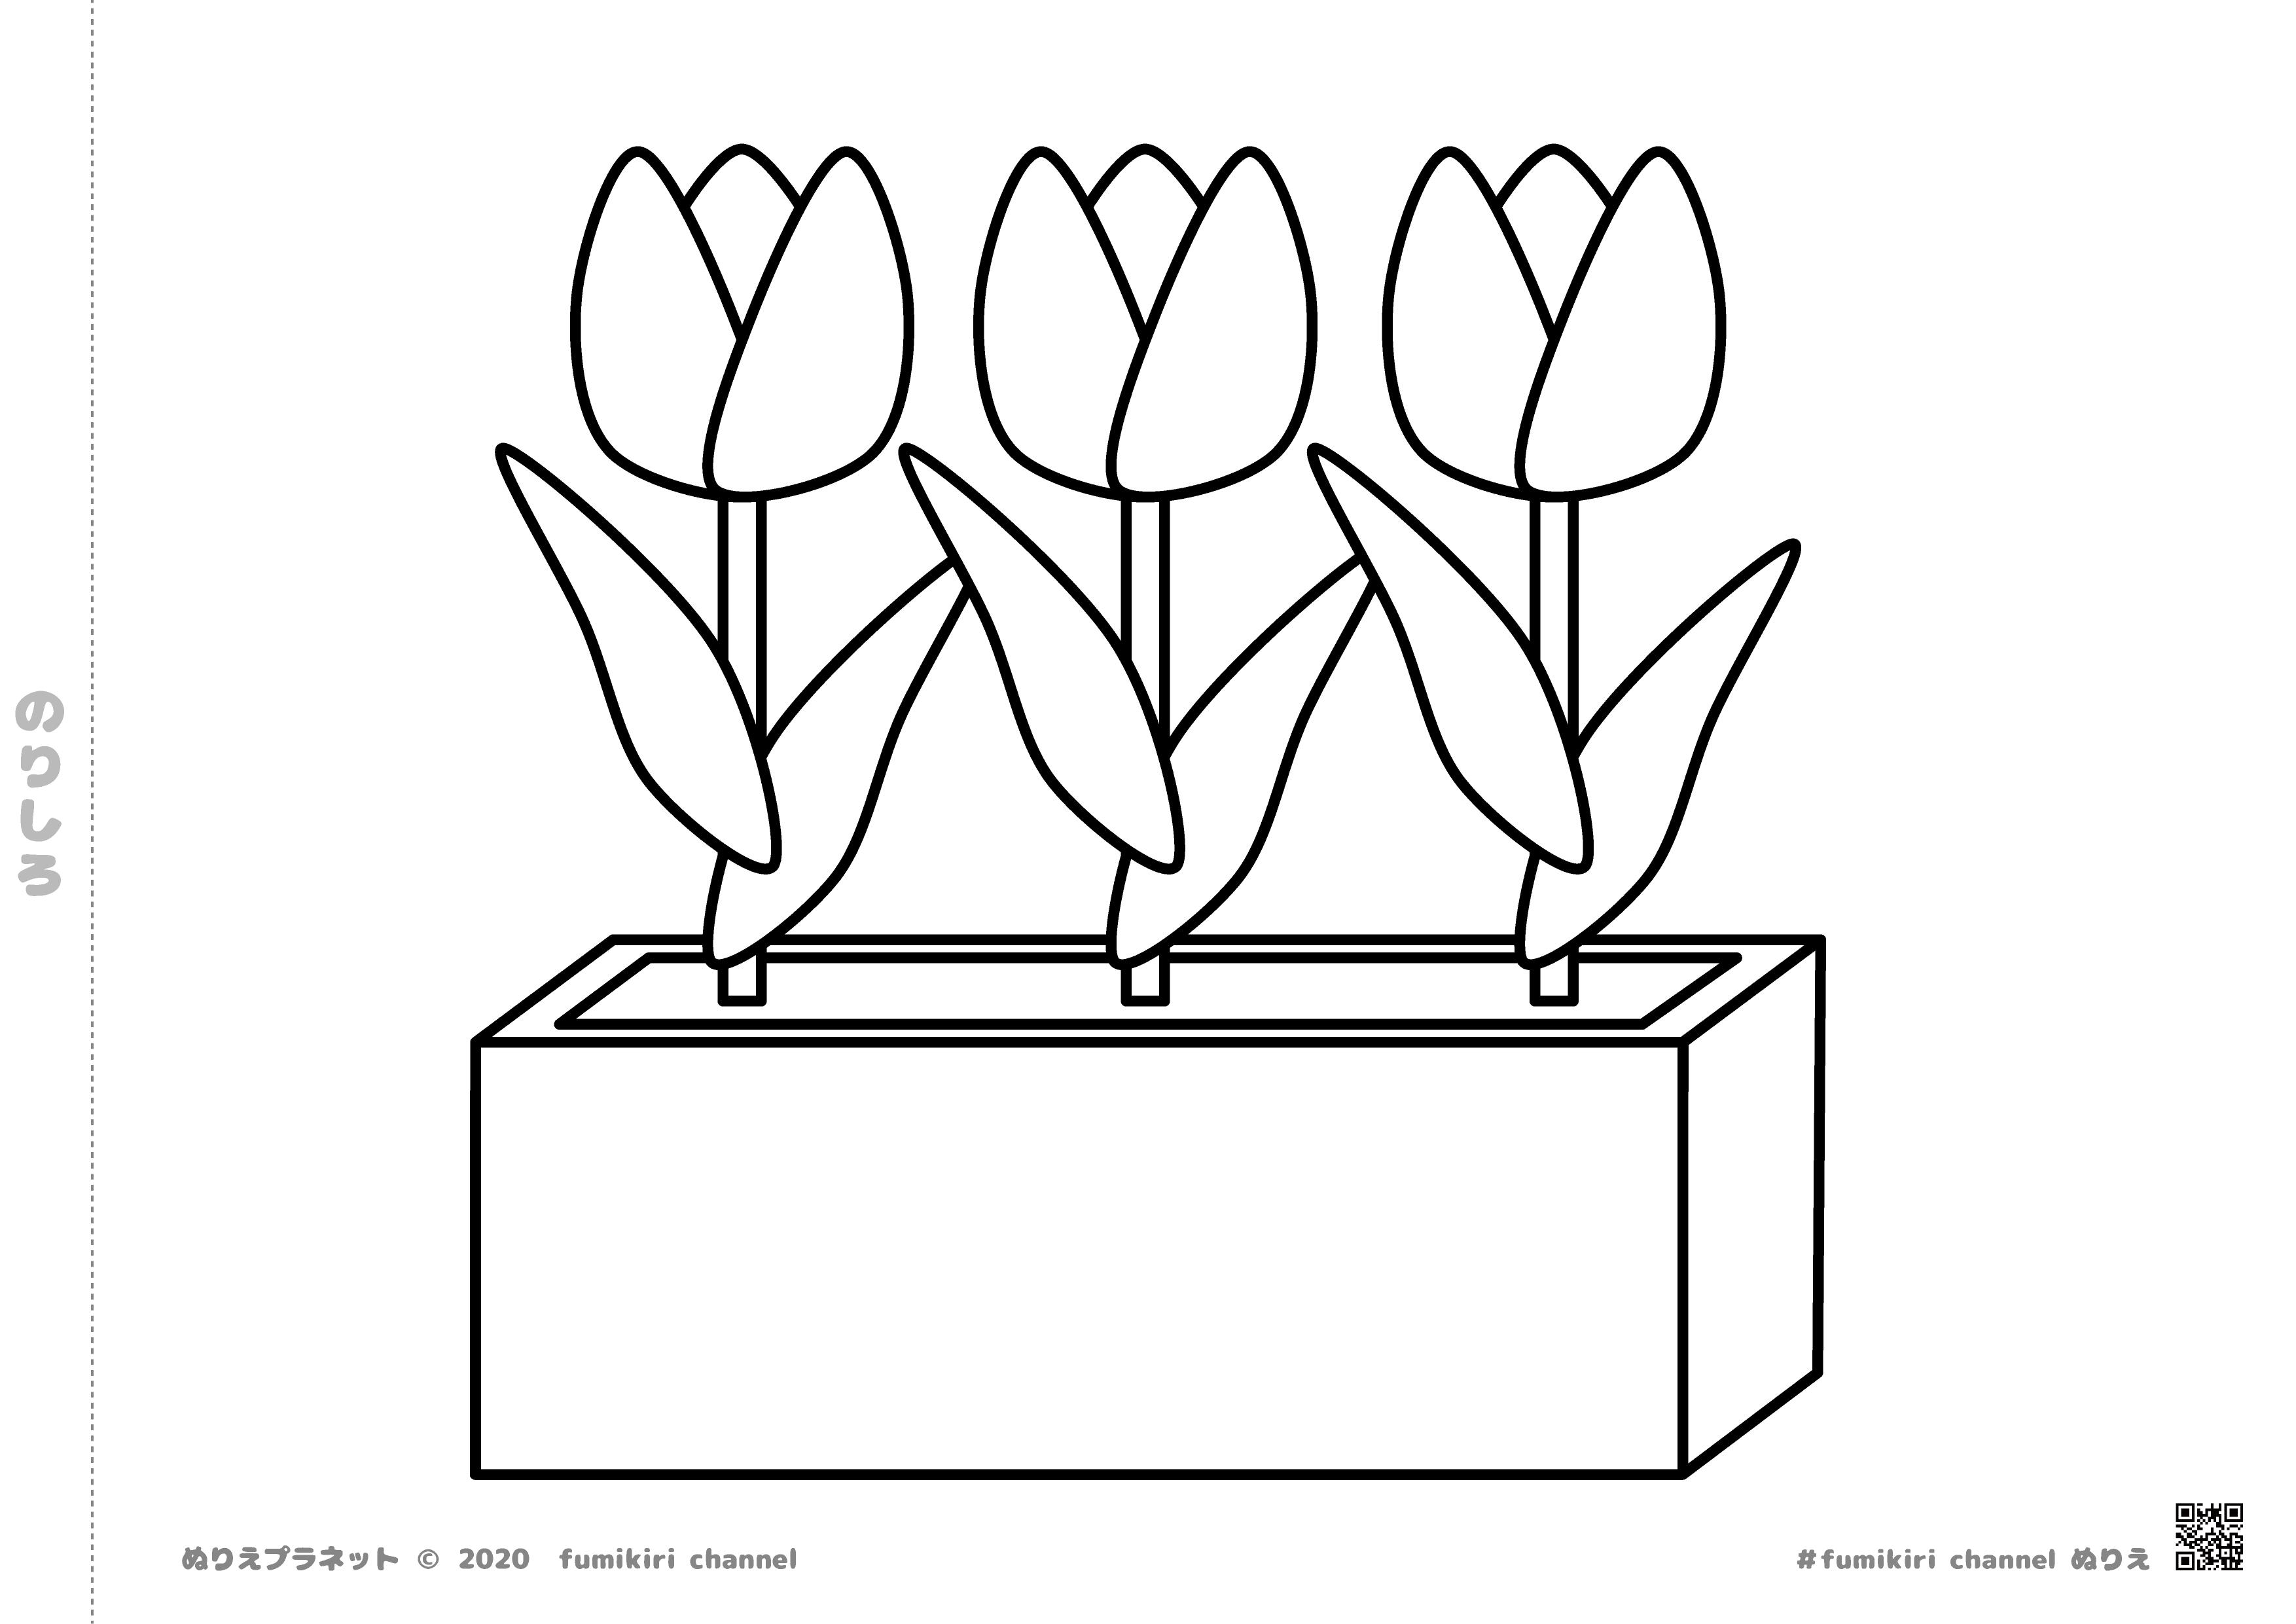 咲いた咲いたチューリップの花のぬりえ